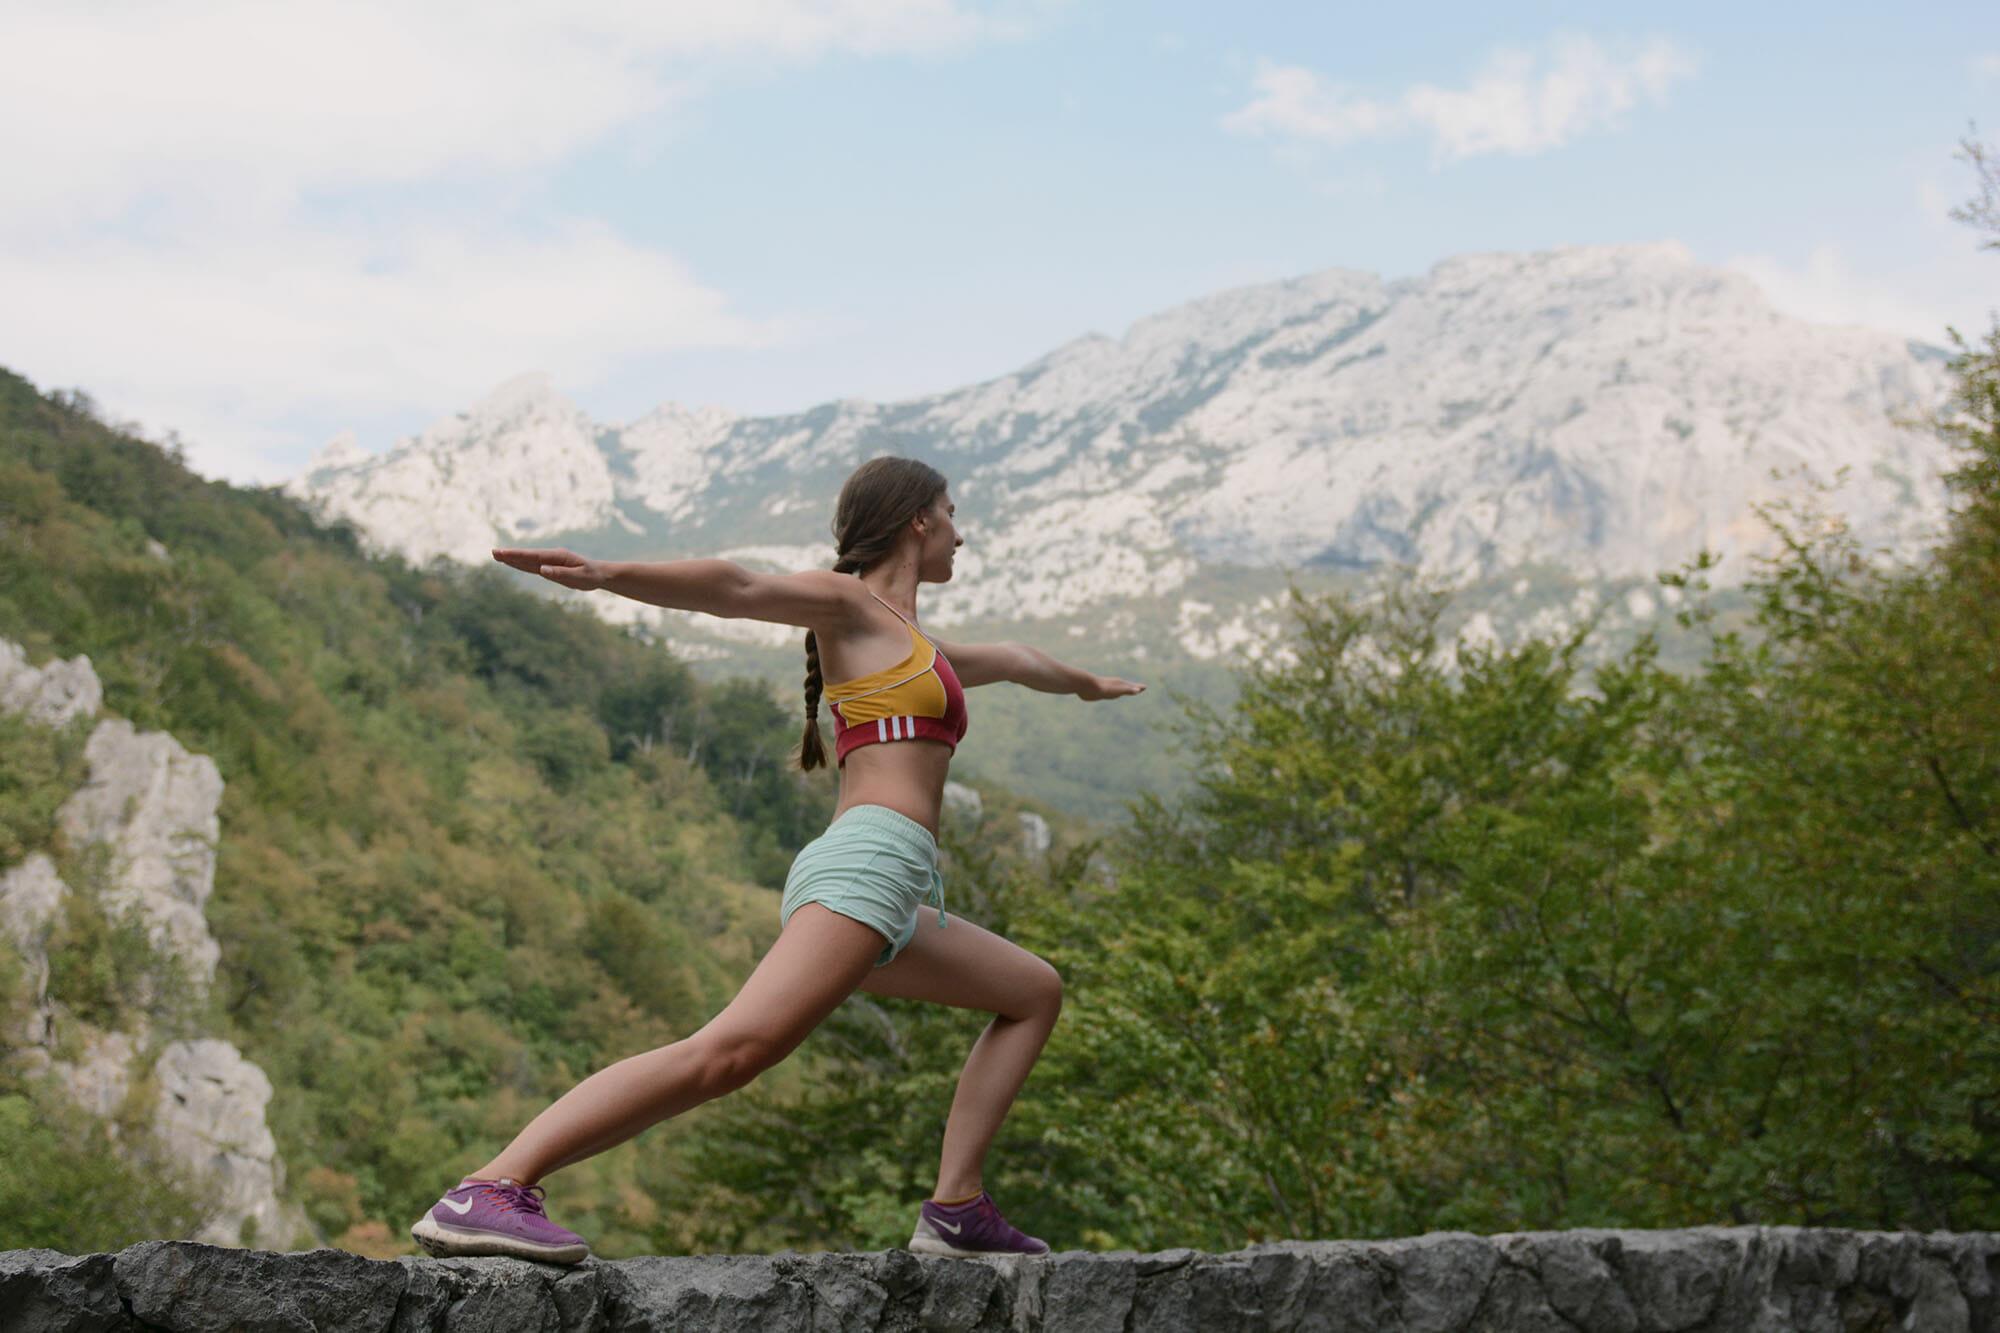 Petra Cutuk Vjeruj Traži Manifestiraj Zdravlje Meditacija Vježbe Disanja Samopouzdanje Posao Savjet Duhovnost Energija Sreća Ljepota Mozak Napad Panike